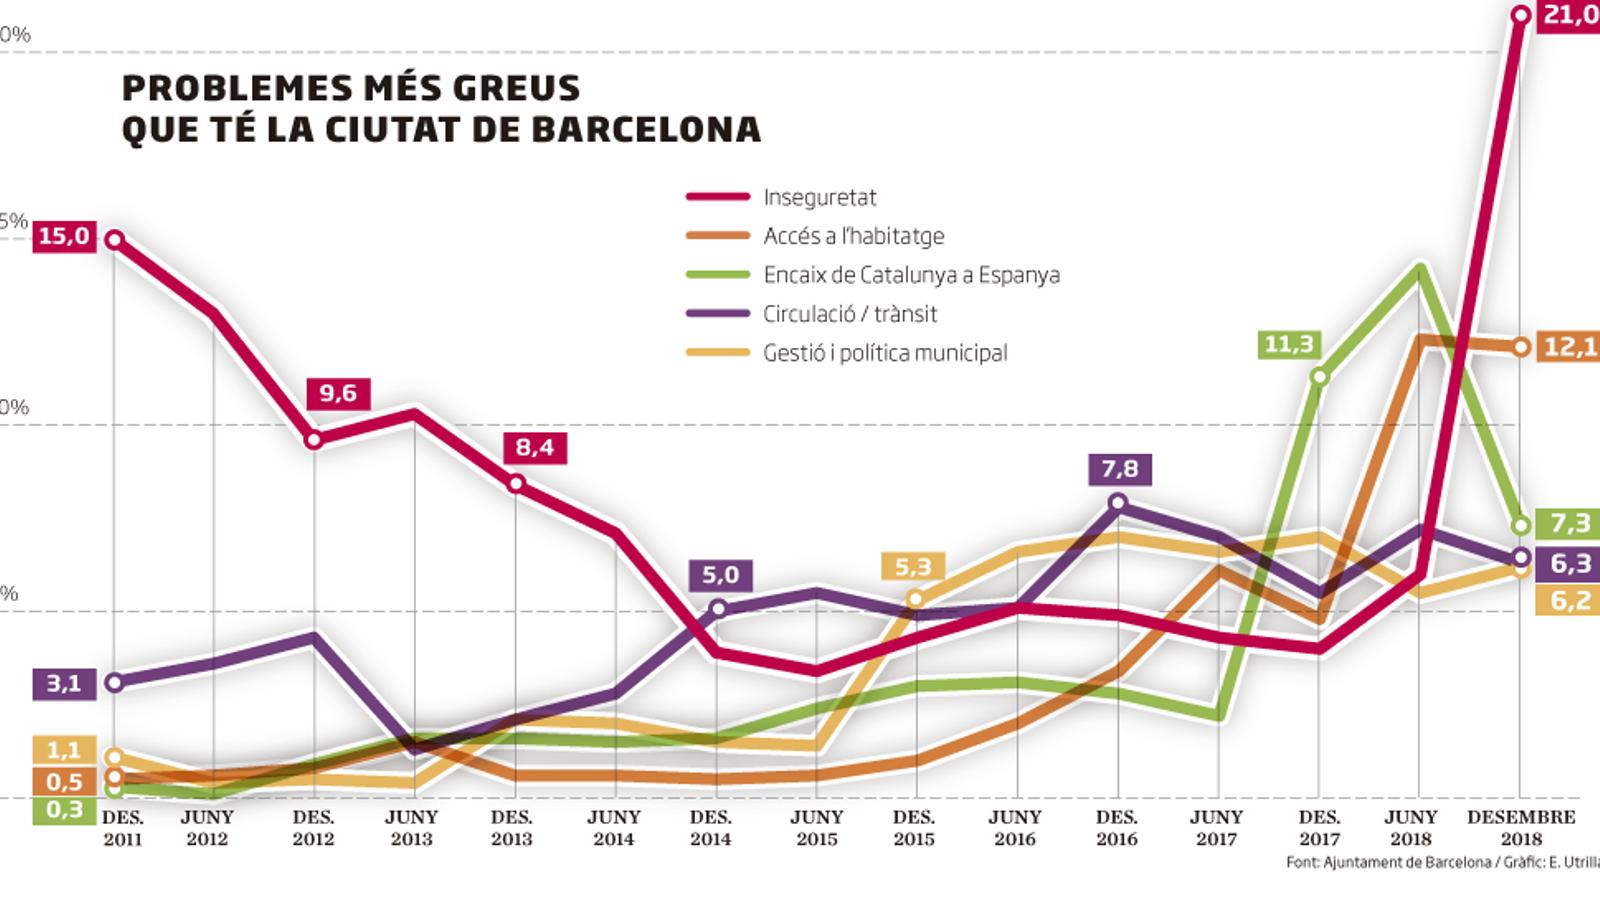 La inseguretat es dispara com el problema més greu de la ciutat segons els barcelonins